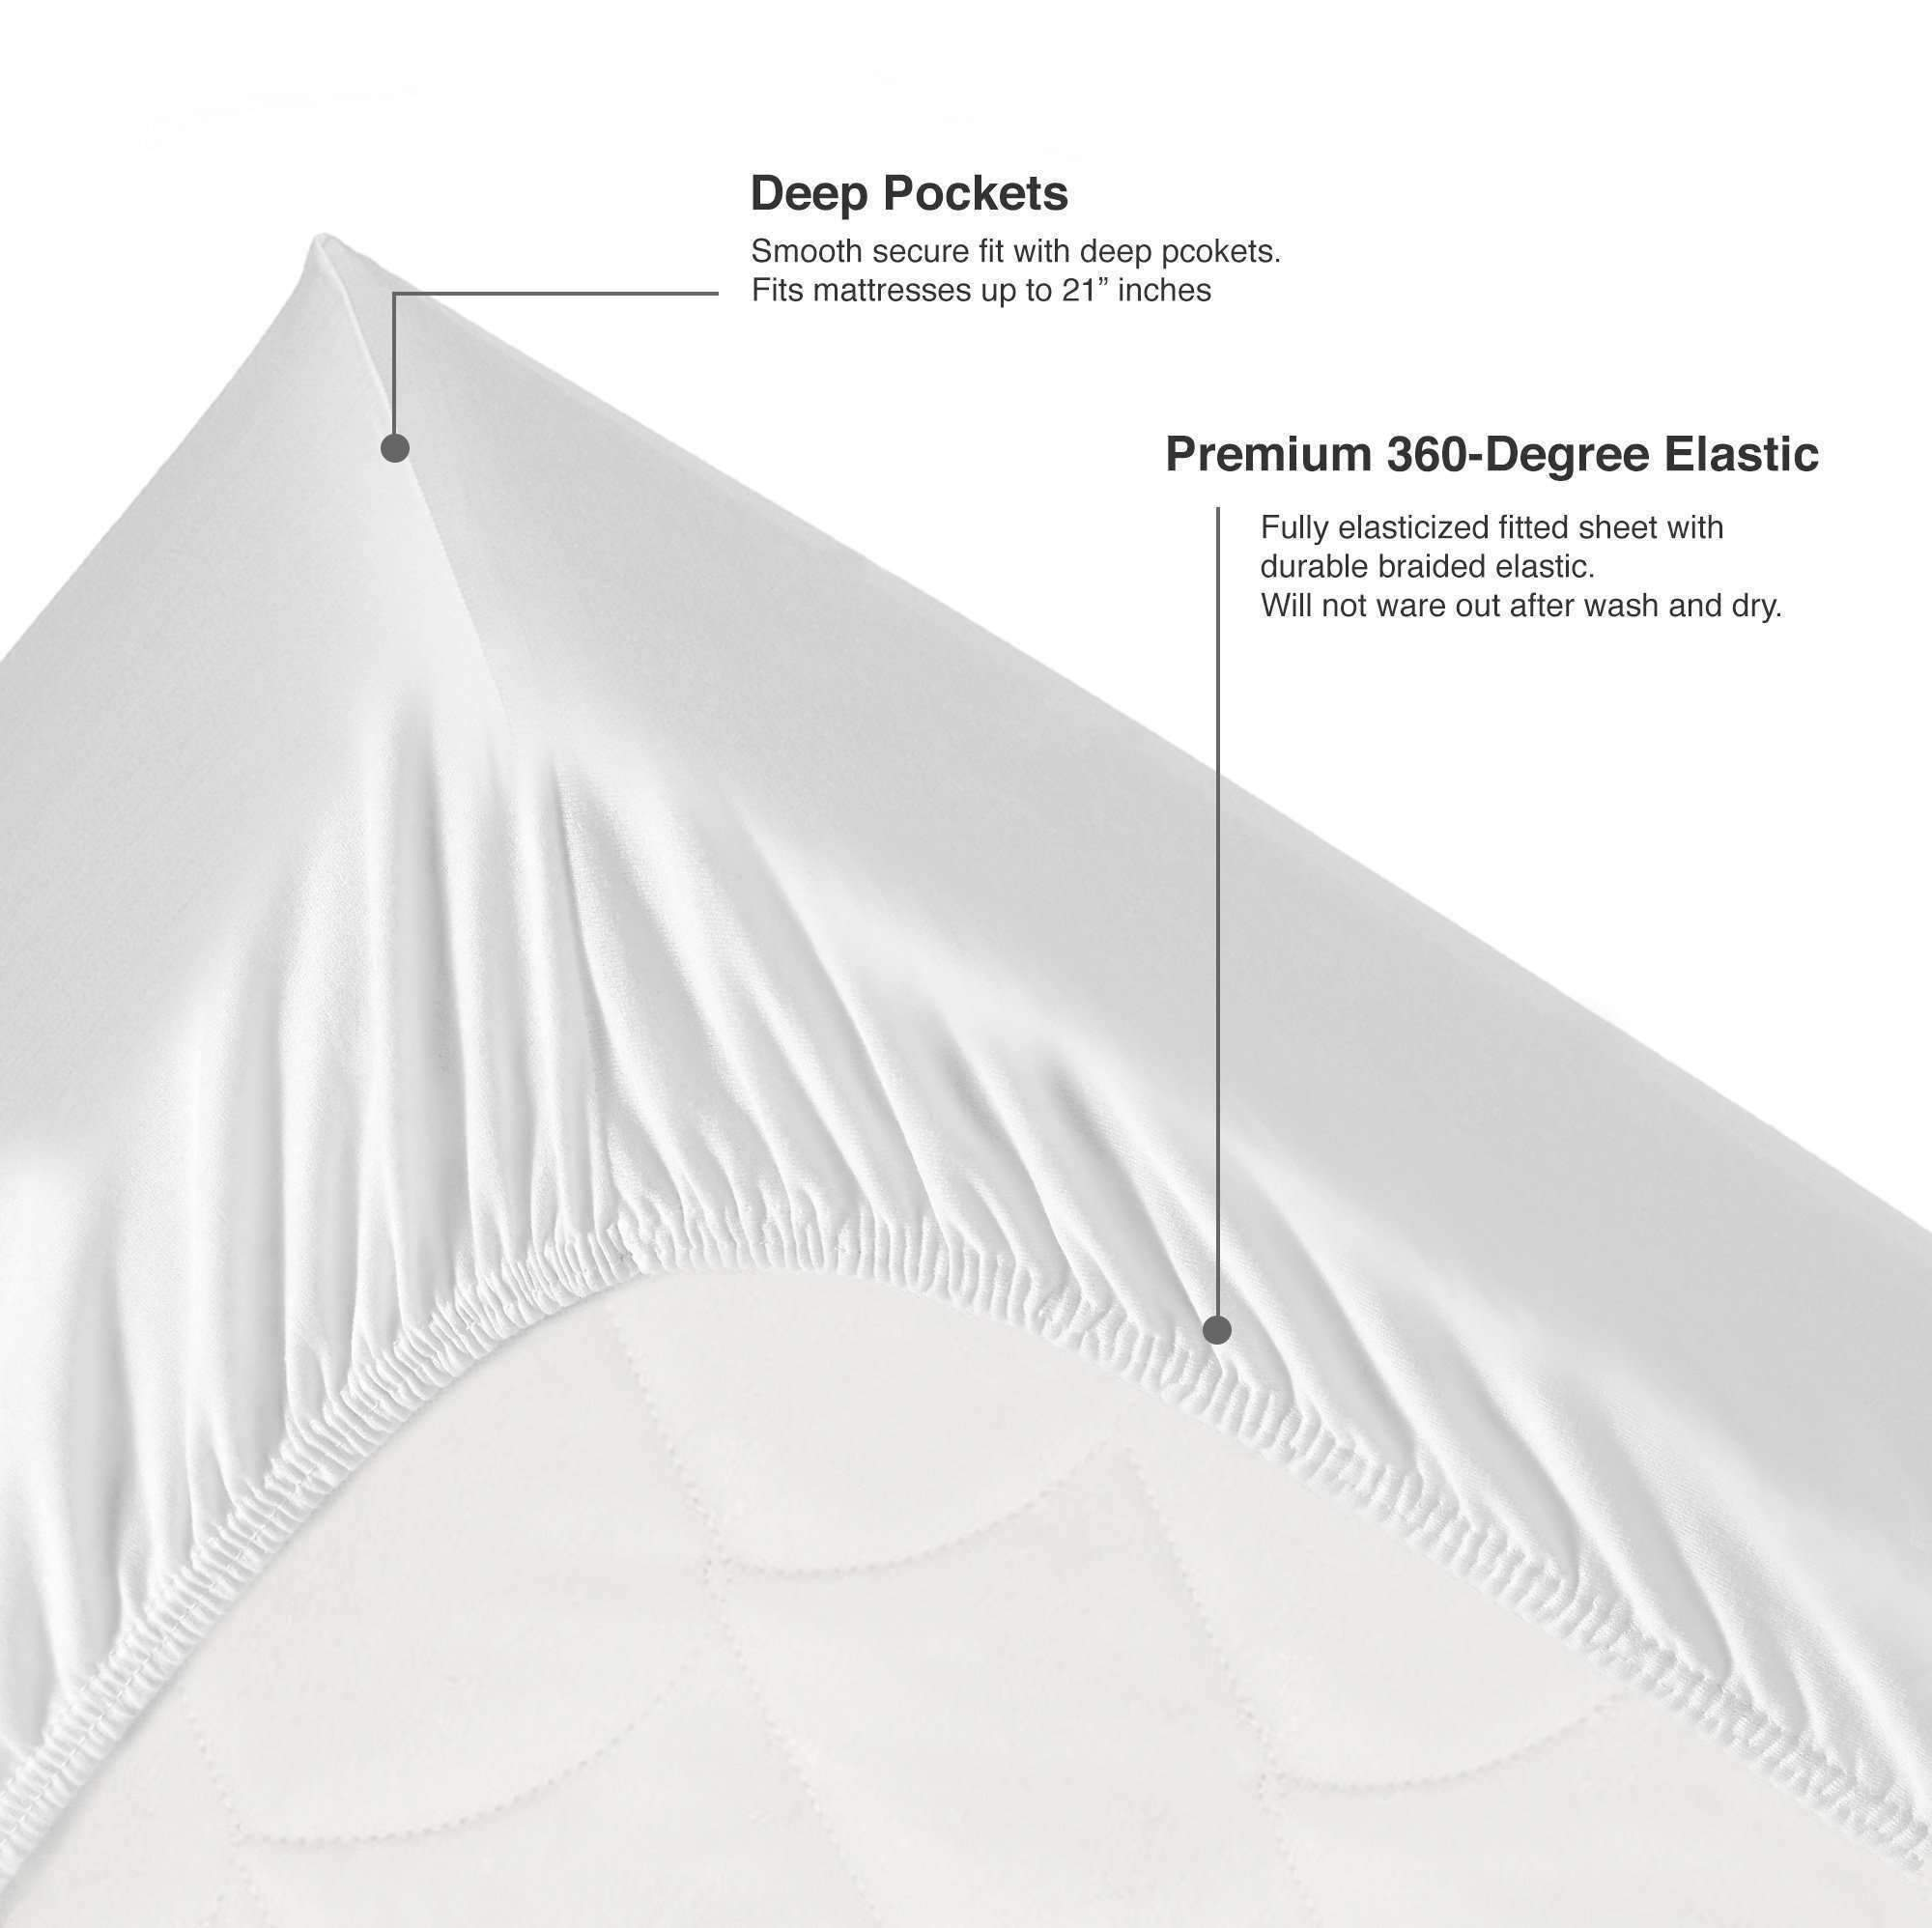 Luxor Linens Deep Pocket